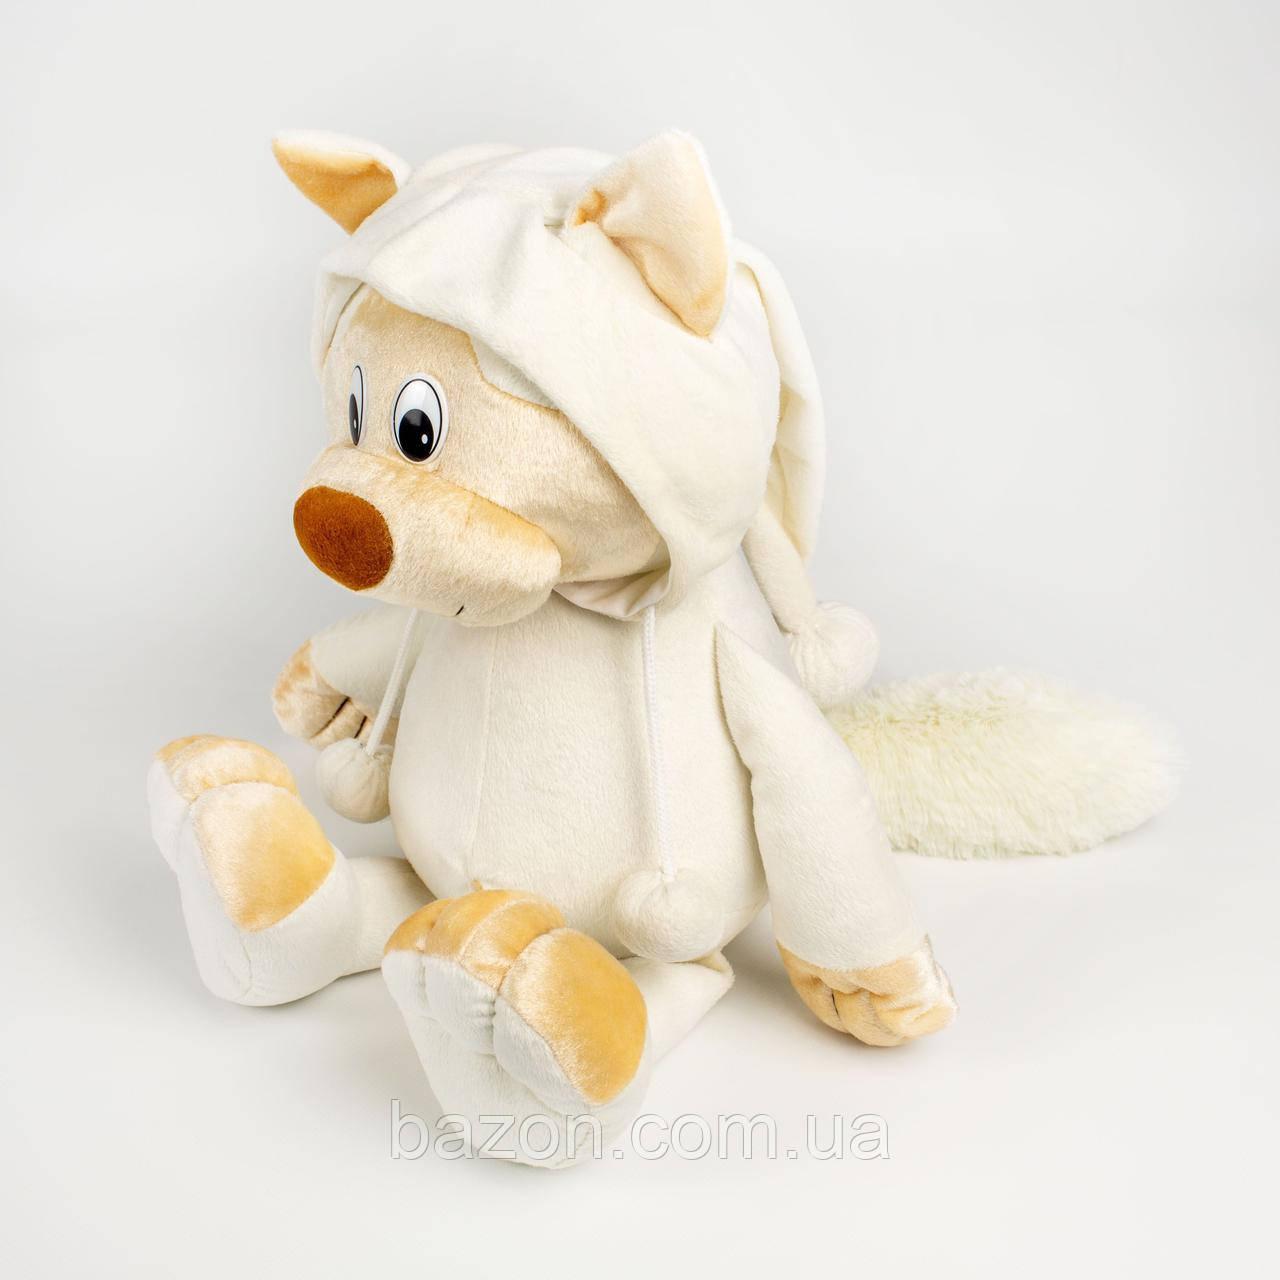 Мягкая игрушка Кот в капюшоне 47 см